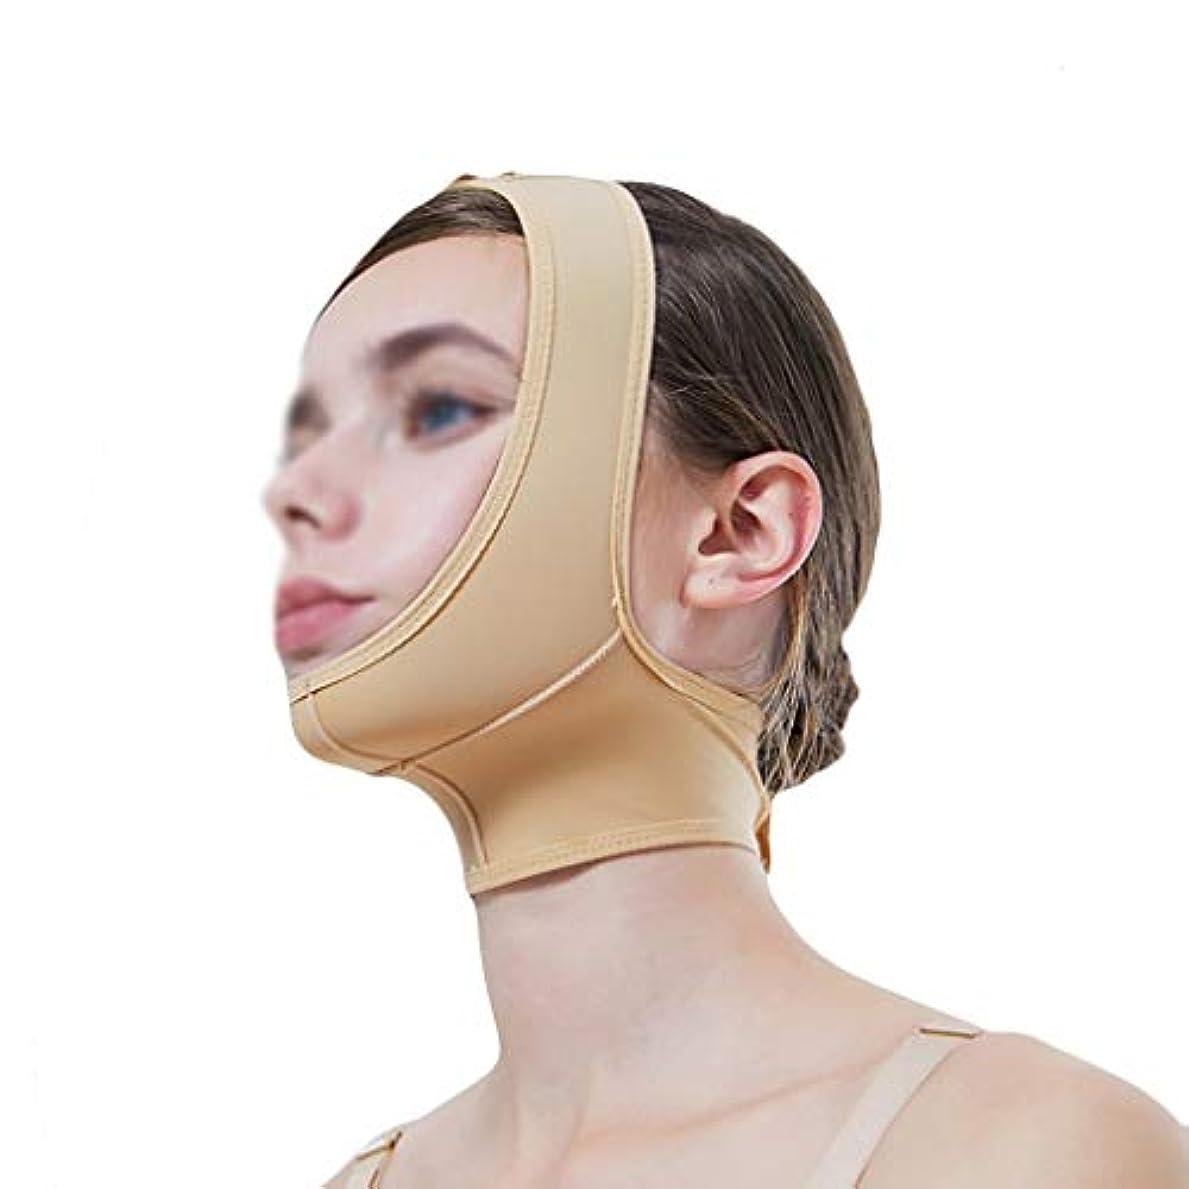 到着する句読点窒息させるXHLMRMJ マスク、超薄型ベルト、フェイスリフティングに適しています、フェイスリフティング、通気性包帯、チンリフティングベルト、超薄型ベルト、通気性 (Size : S)